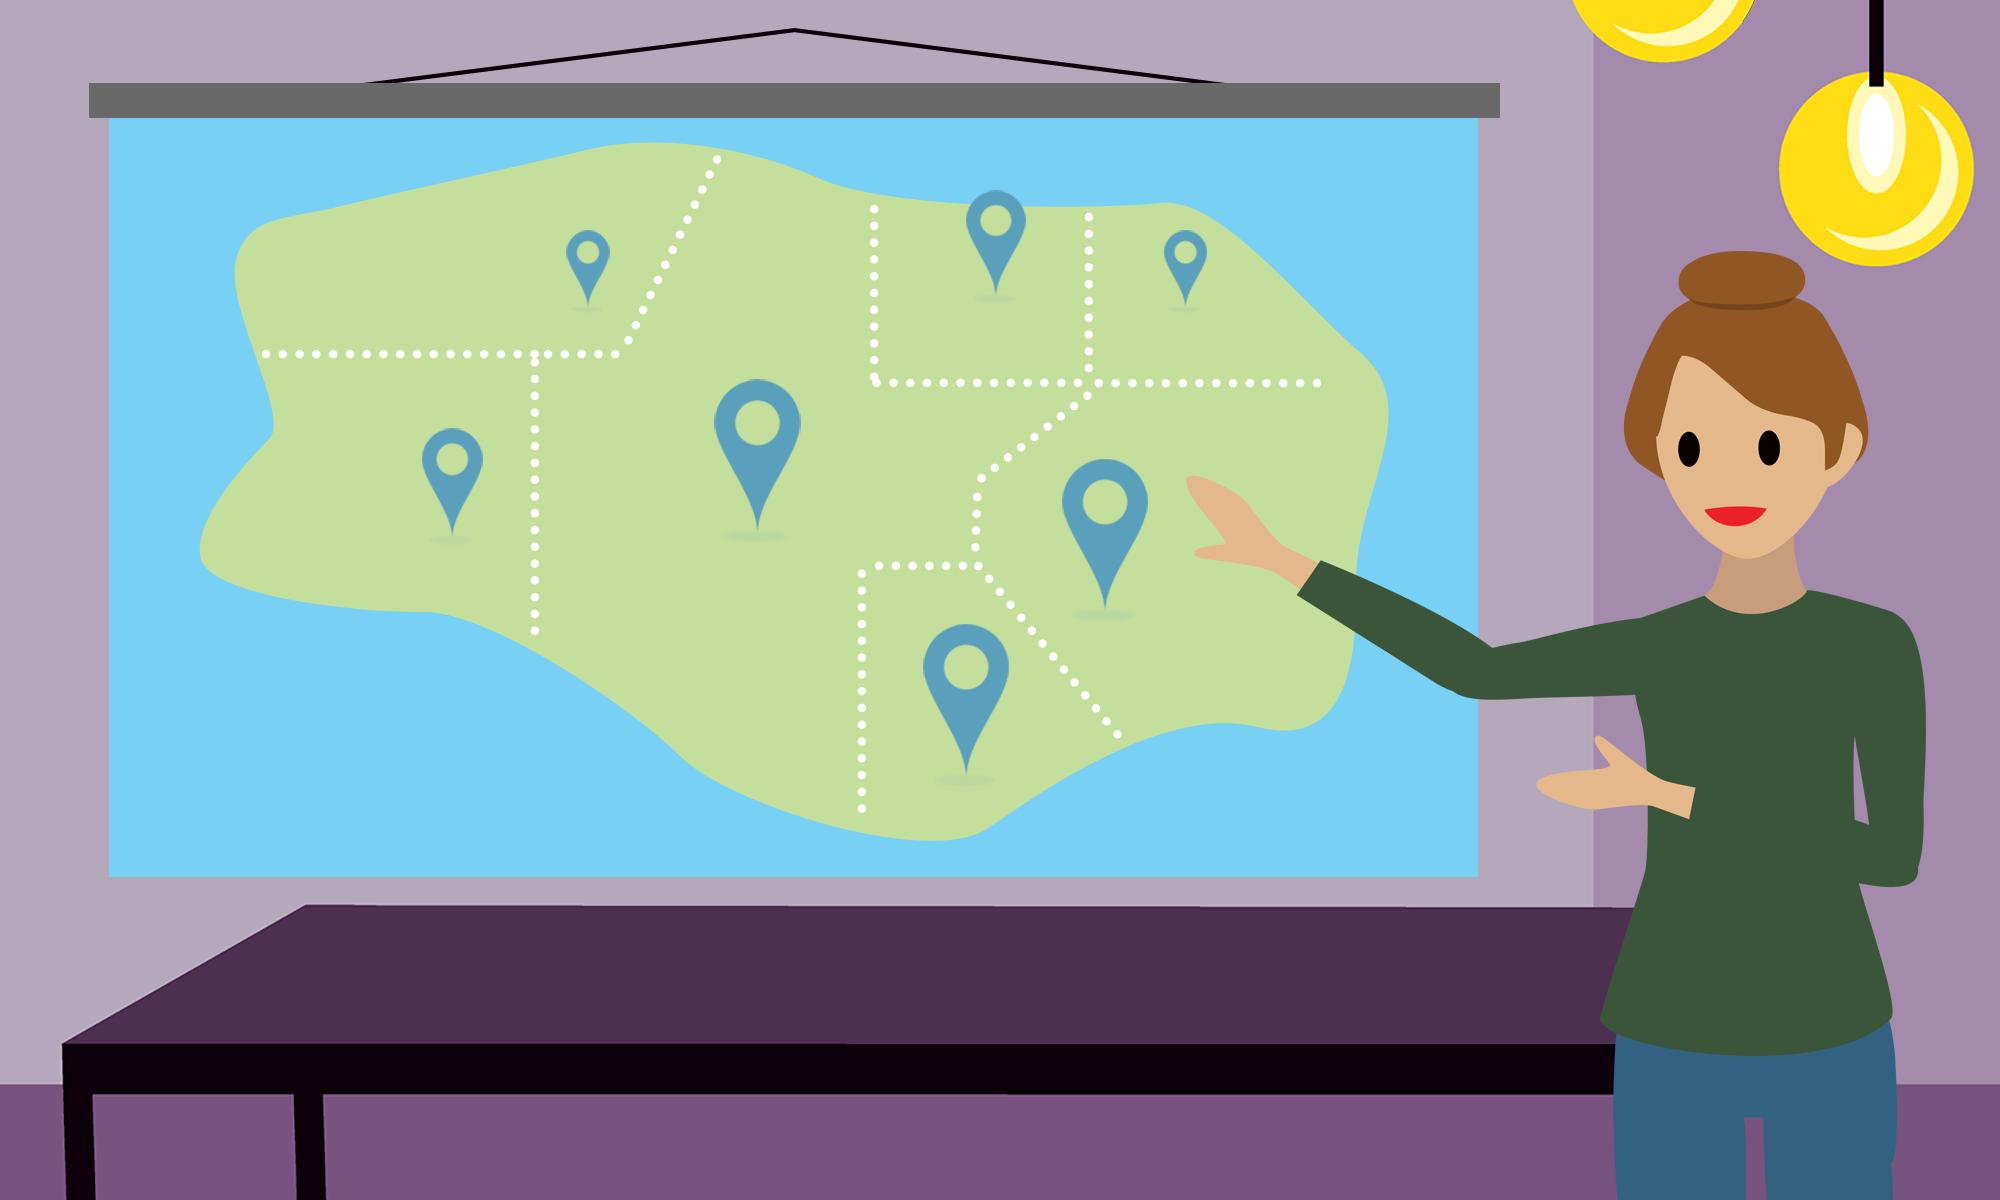 地域ごとにテリトリーに分割された地図